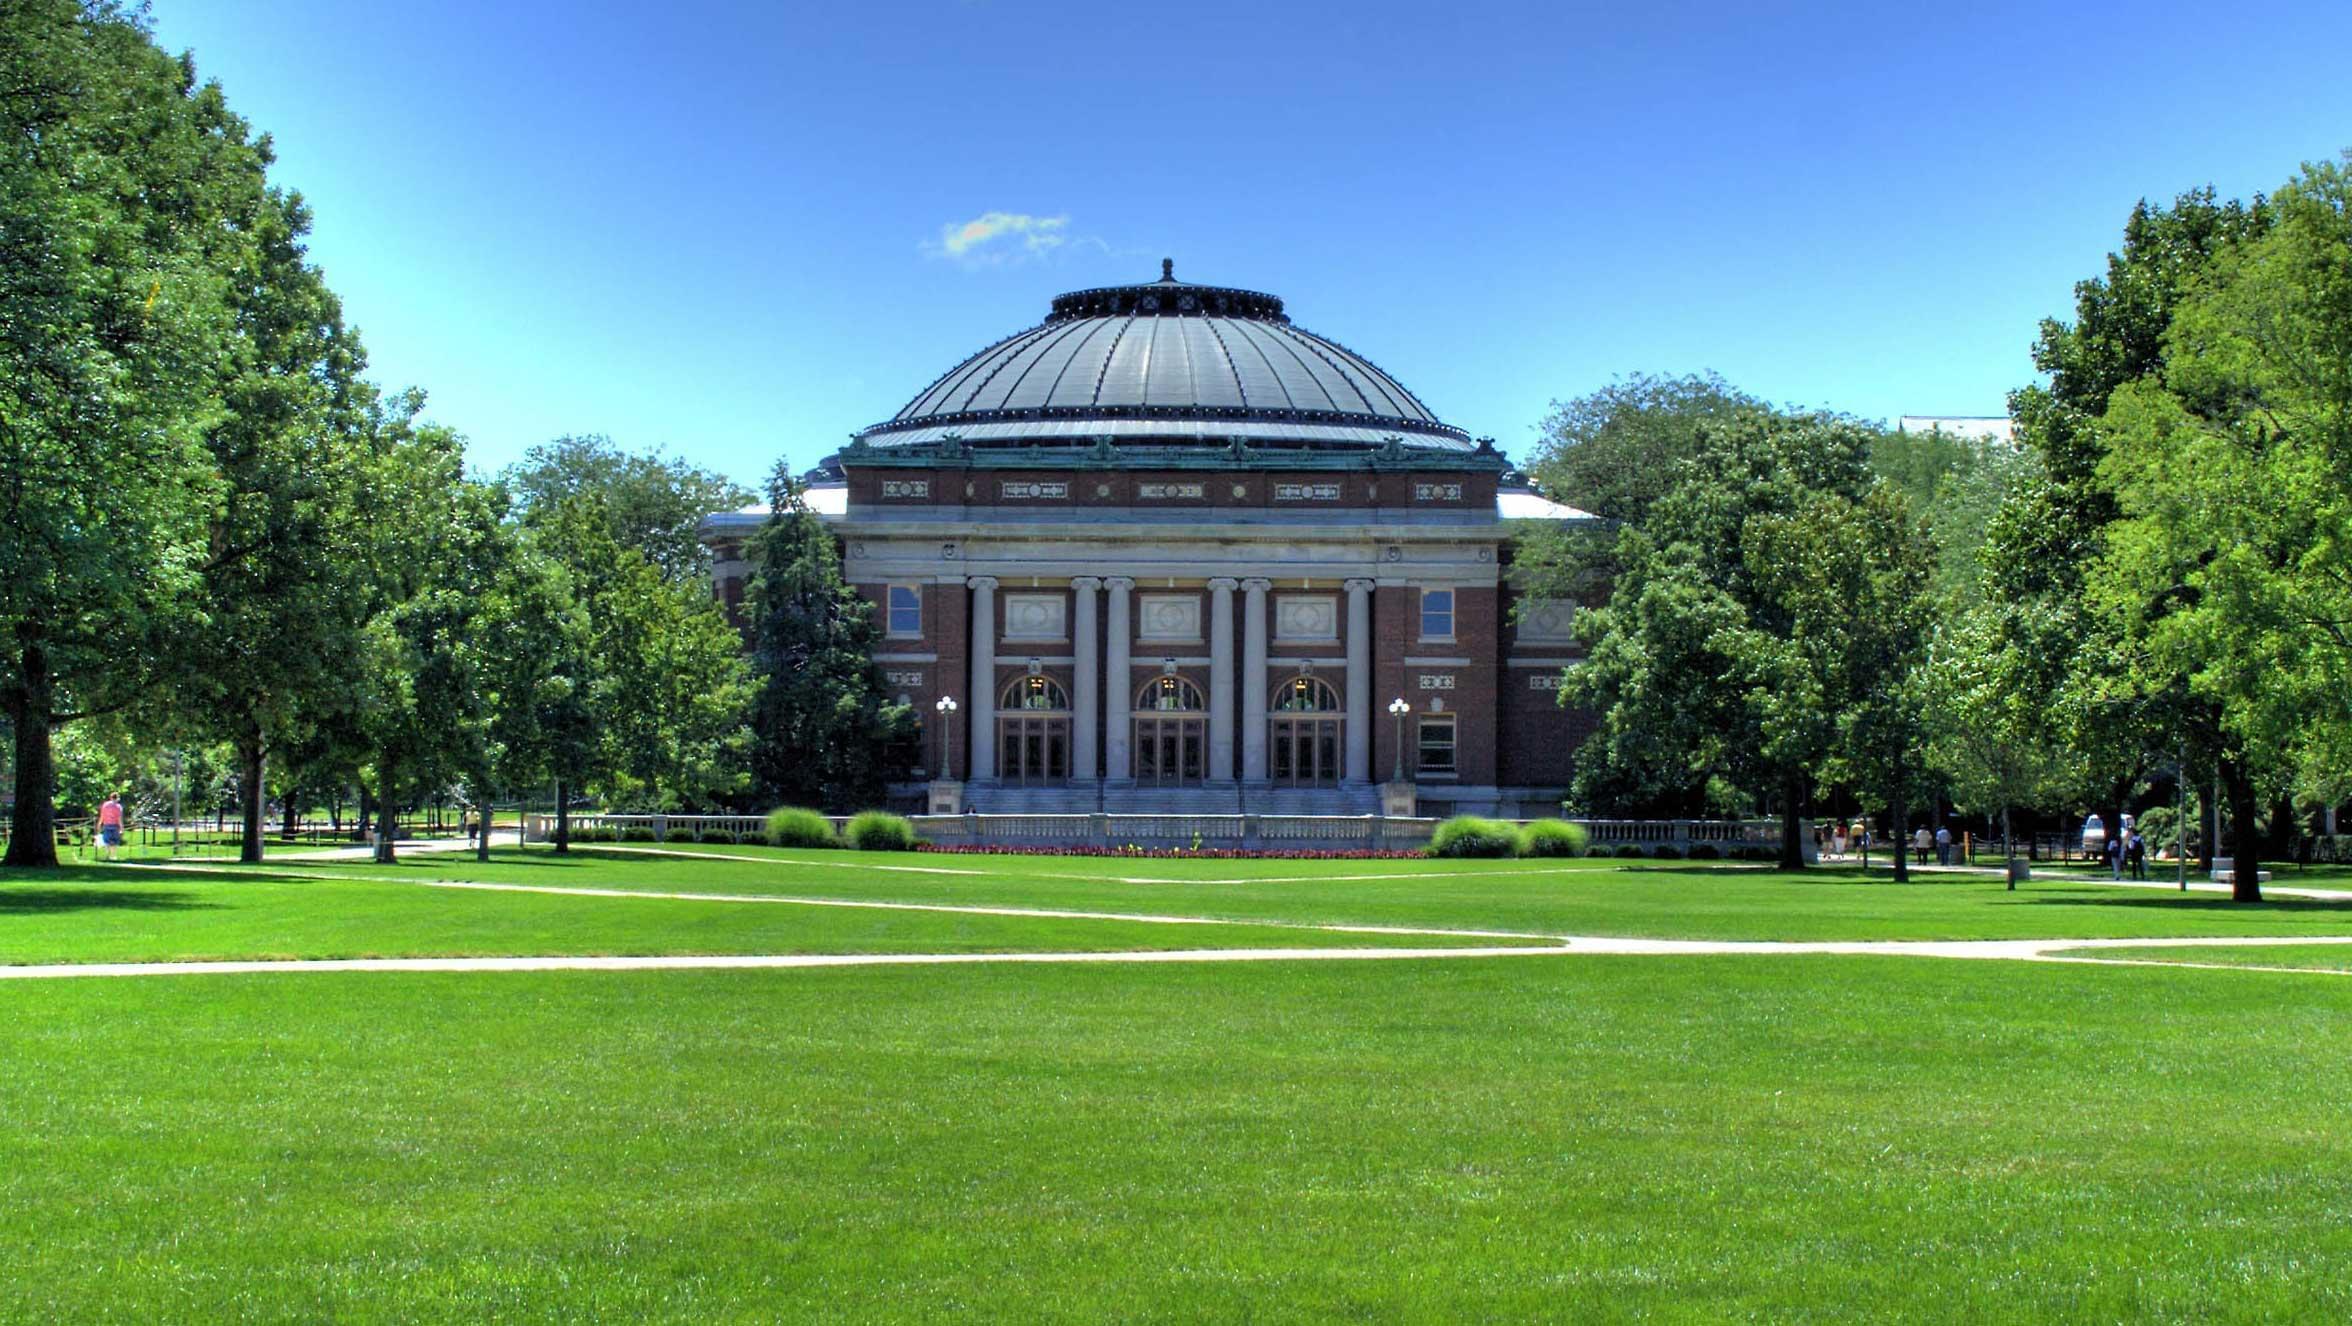 Foellinger Auditorium on the main quad of the U of I's Urbana campus.